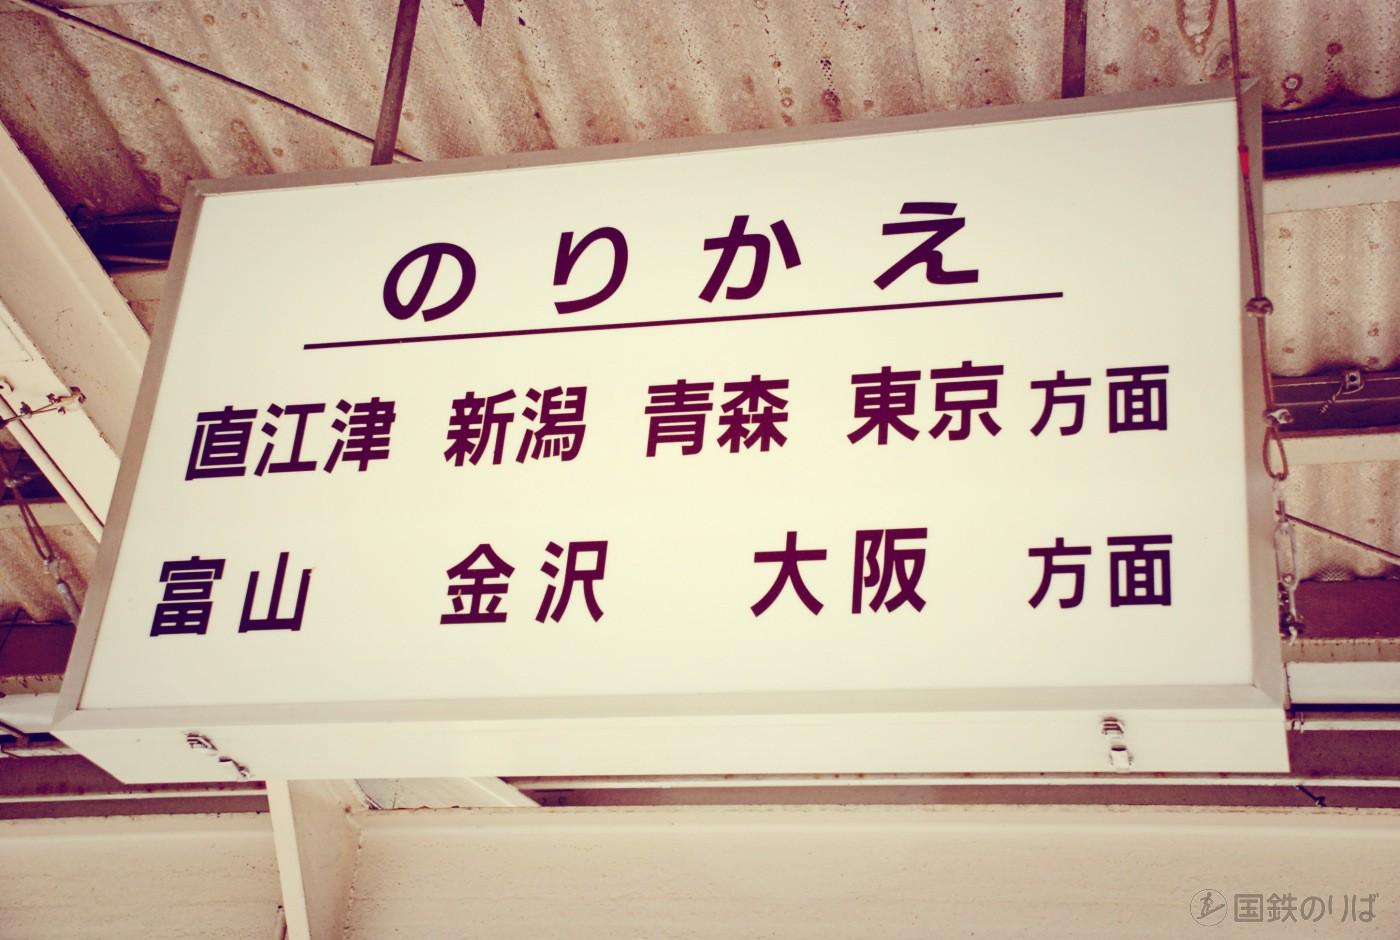 青森も、東京も、大阪も。日本海側の大動脈であることを物語っている。